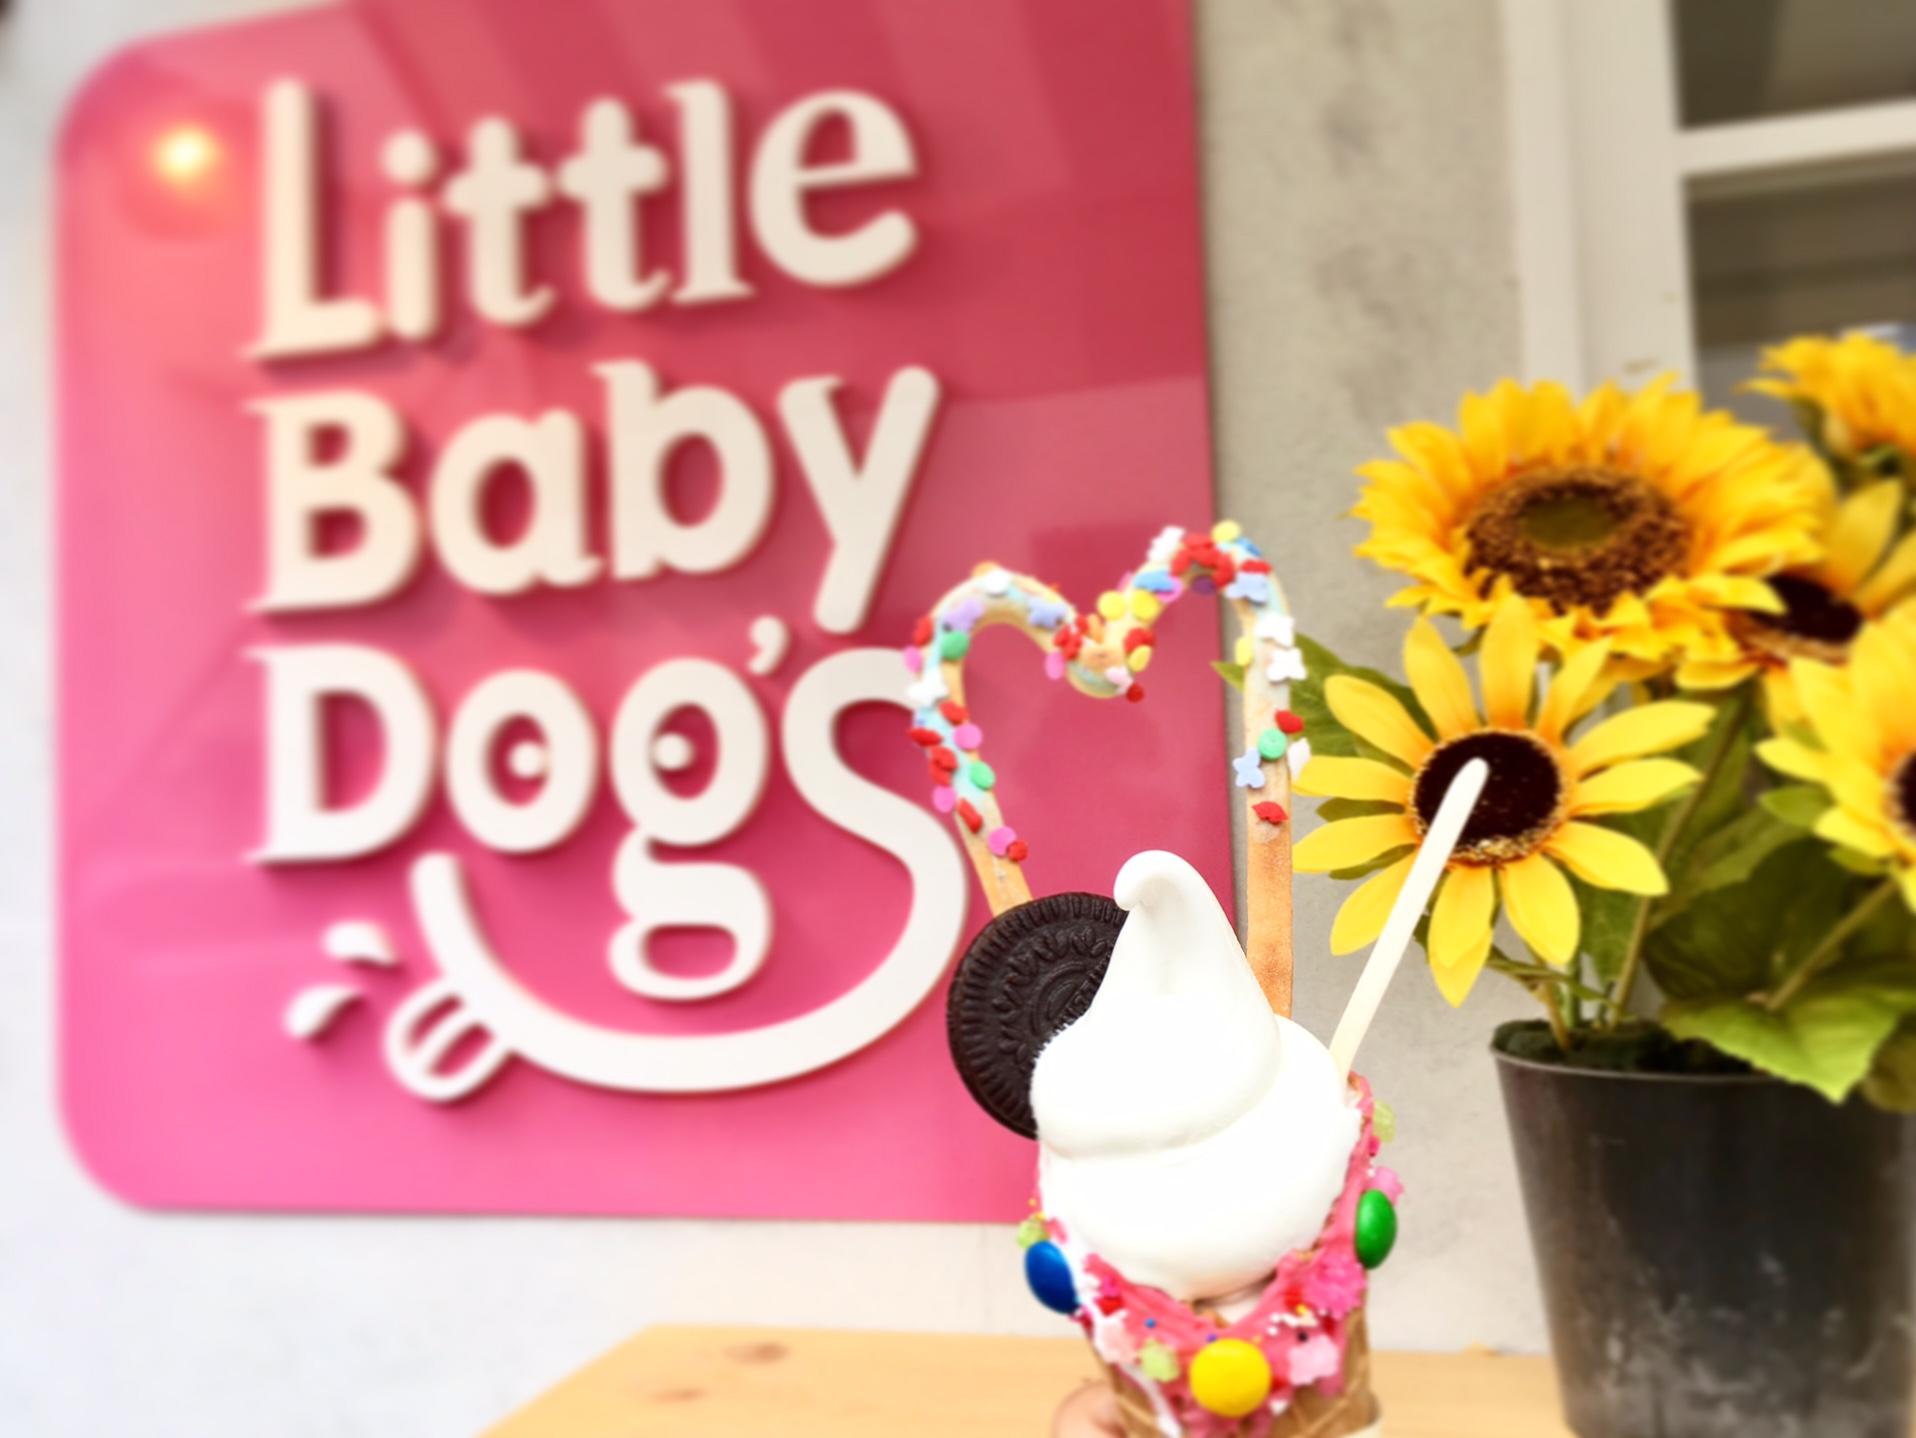 この夏の大本命!可愛すぎるソフトクリームが話題の『リトルベビードッグス』 - IMG 4008